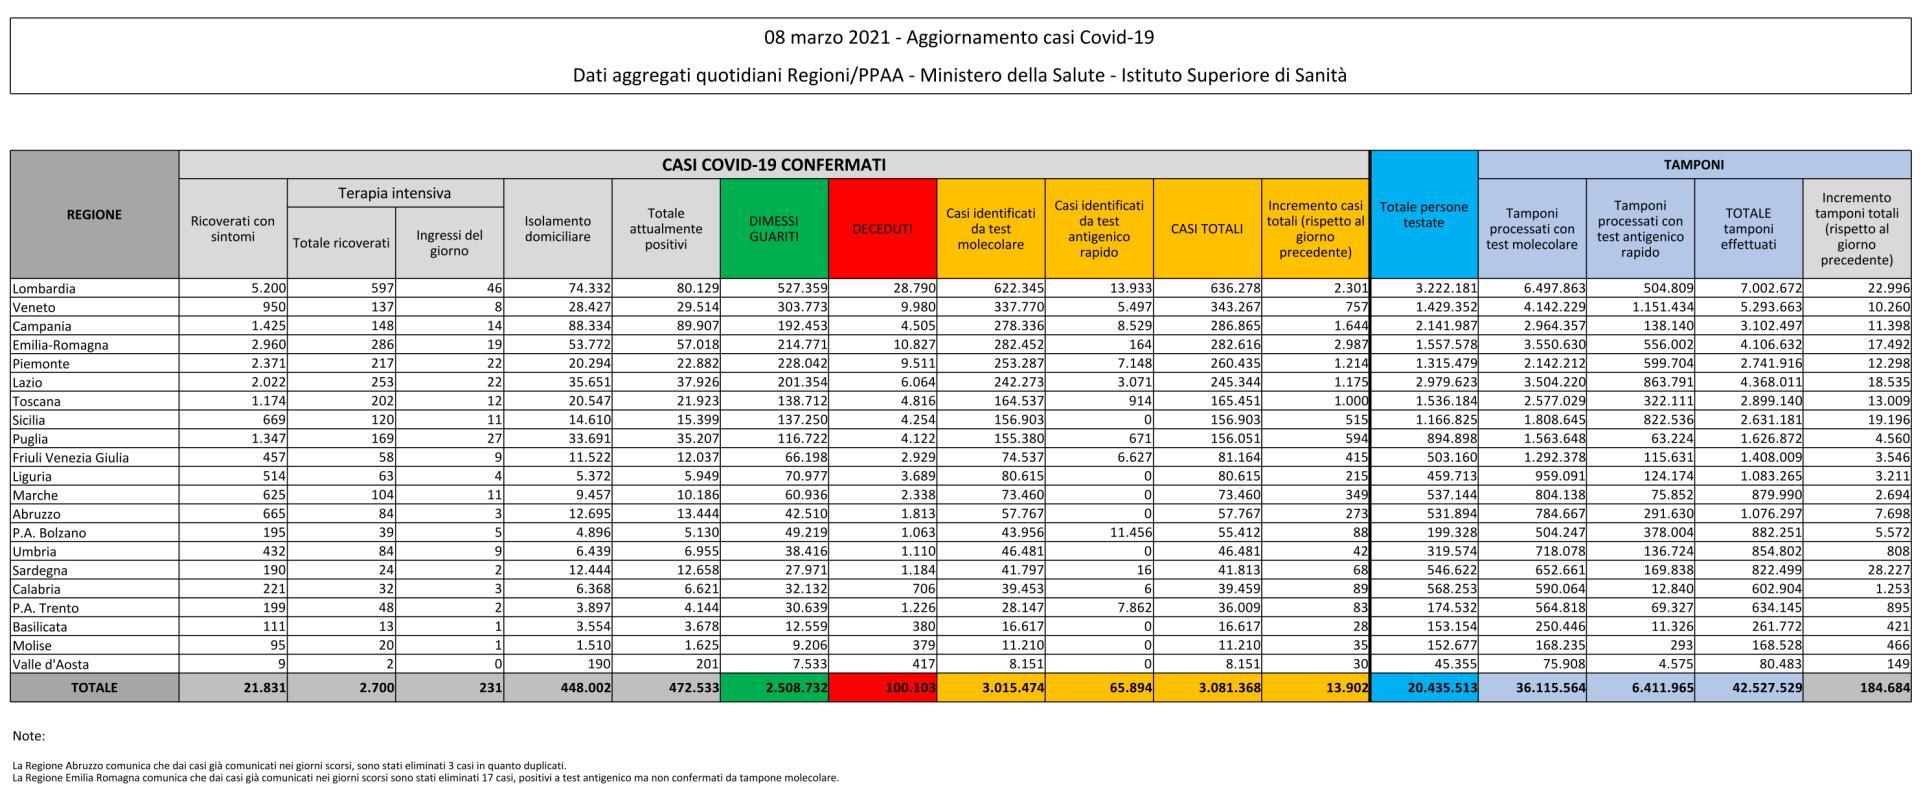 8 marzo 2021 - Aggiornamento casi Covid-19 Dati aggregati quotidiani Regioni/PPAA - Ministero della Salute - Istituto Superiore di Sanità